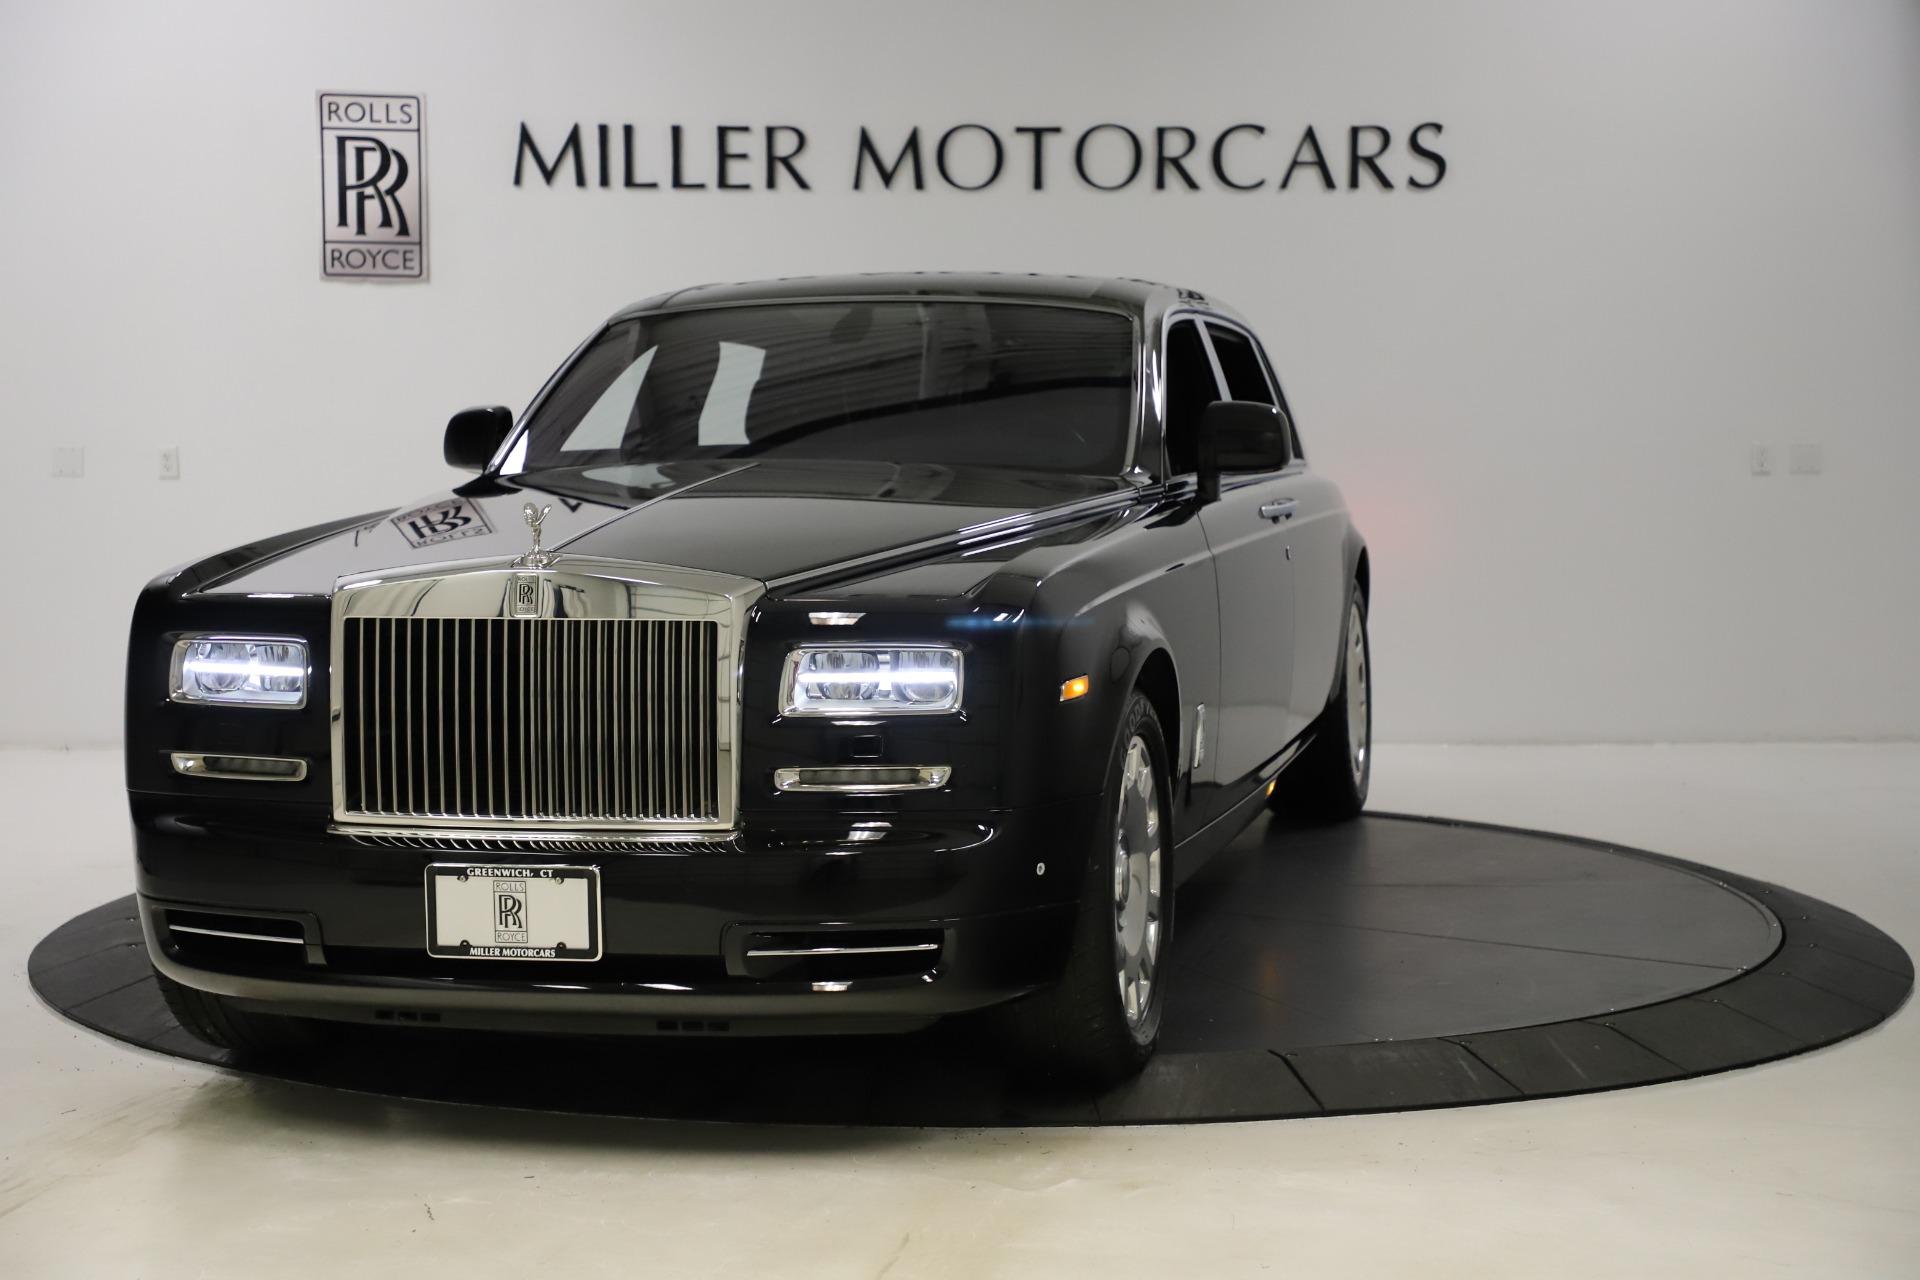 Used 2015 Rolls-Royce Phantom EWB for sale $299,900 at Rolls-Royce Motor Cars Greenwich in Greenwich CT 06830 1